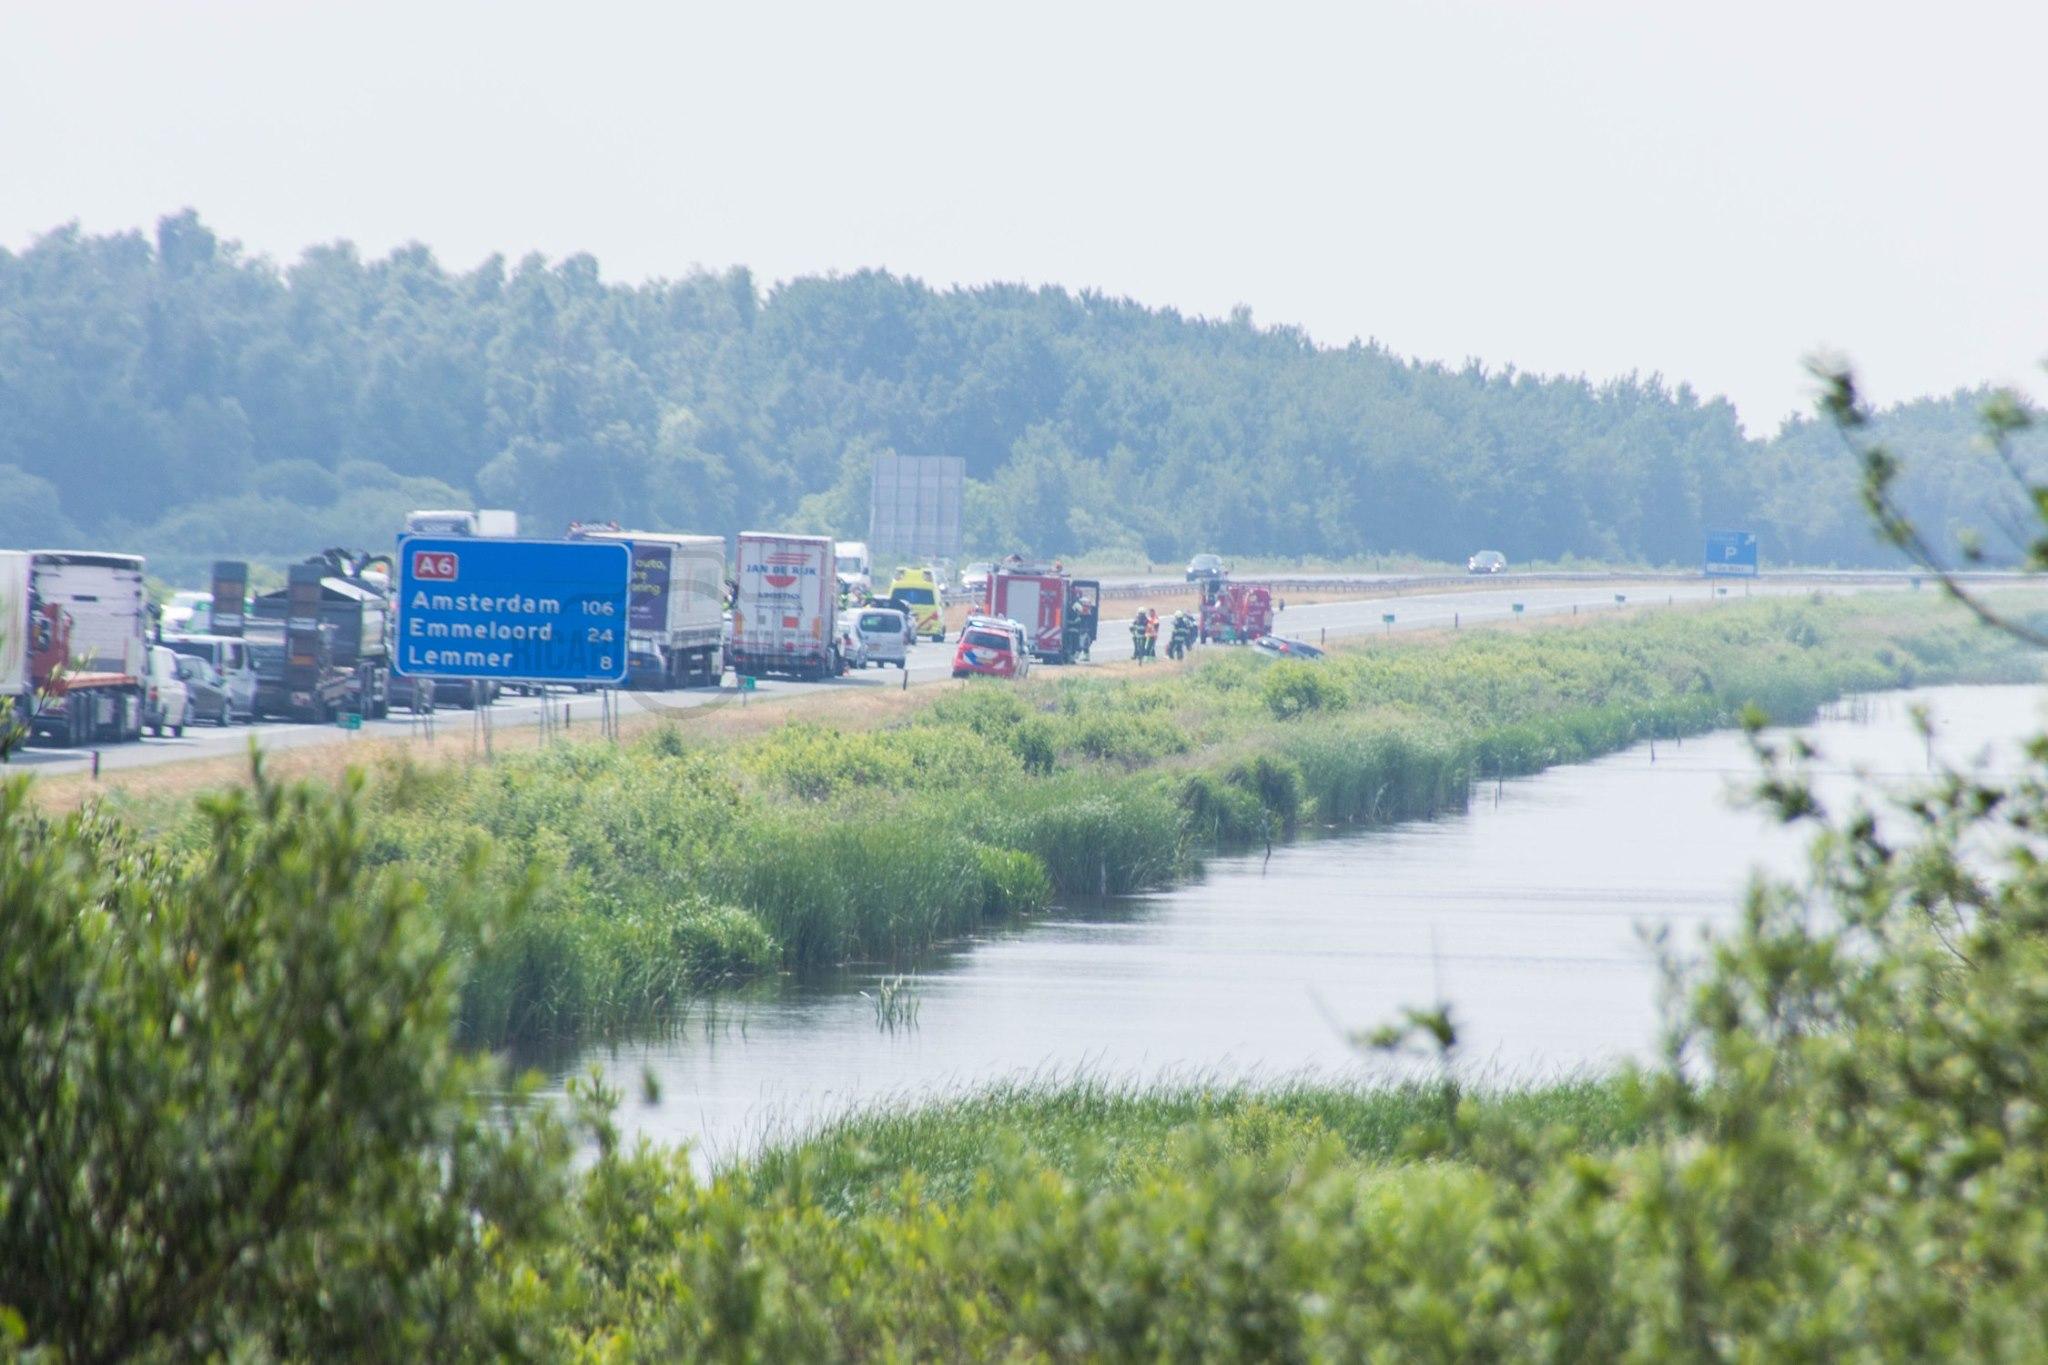 flinke file op de A6 richting Emmeloord na verkeersongeval bij Oldeouwer